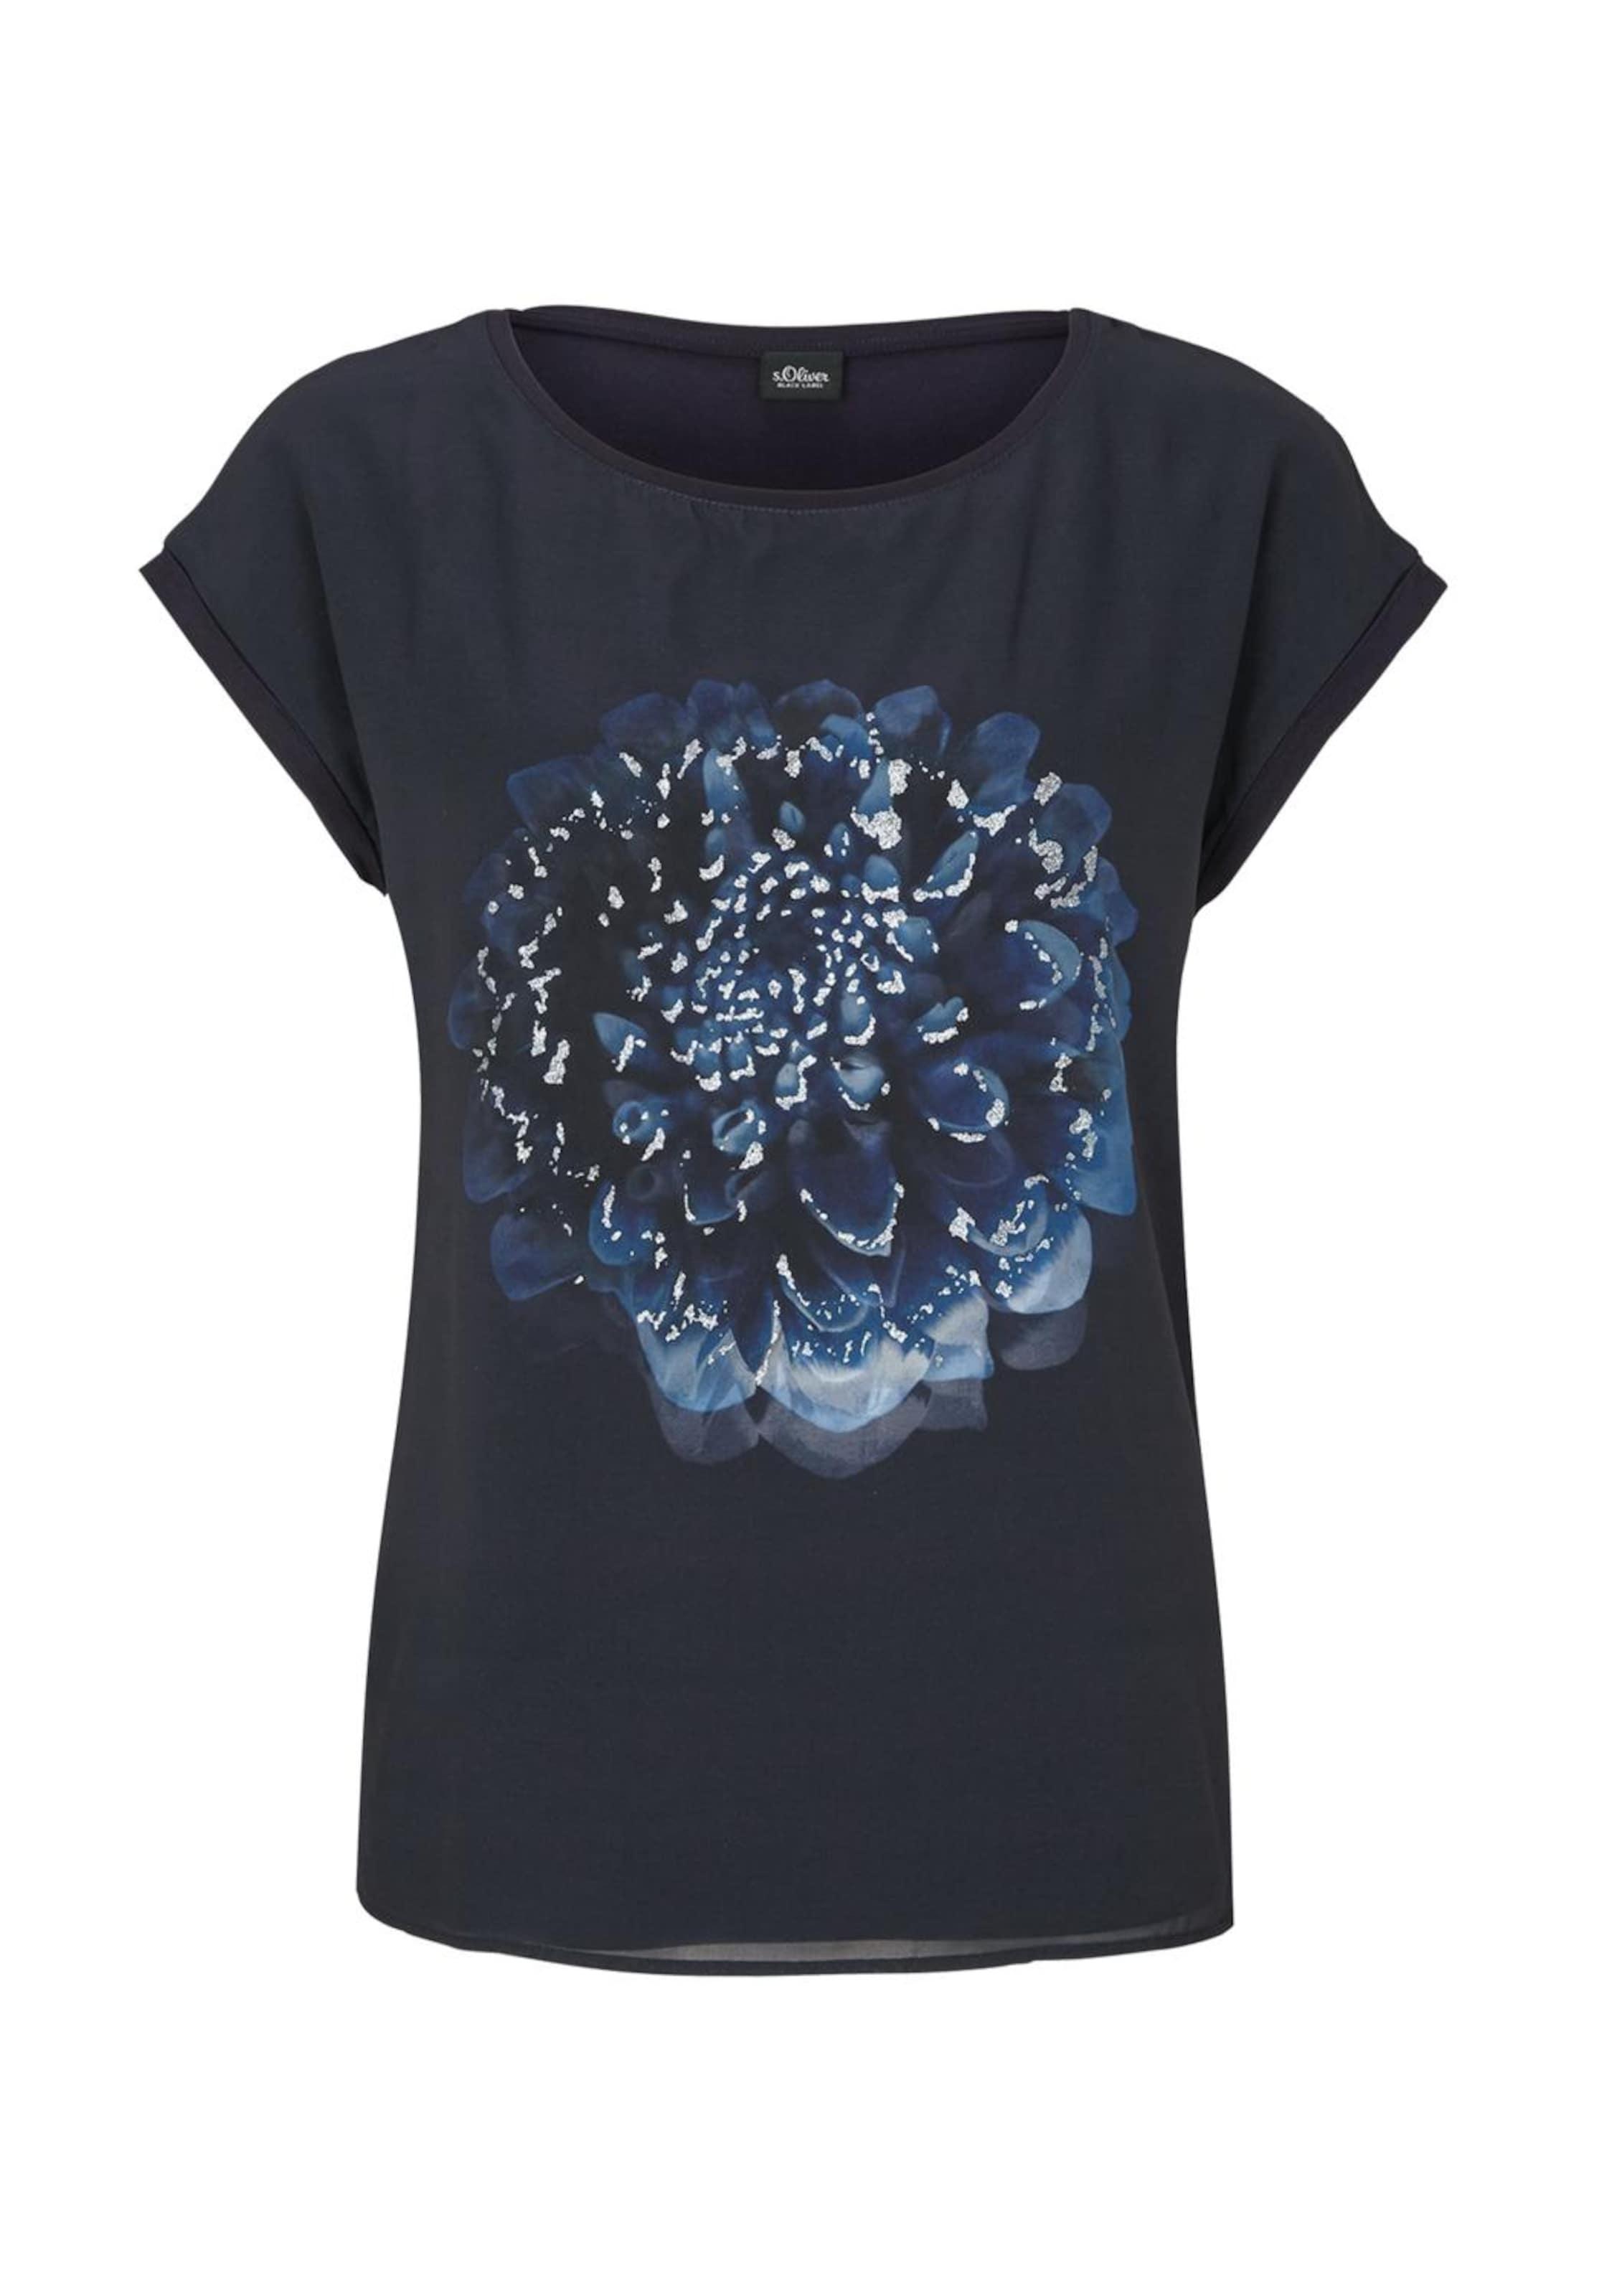 Black In NachtblauHimmelblau Hellblau Weiß shirt Label S T oliver fgb7y6